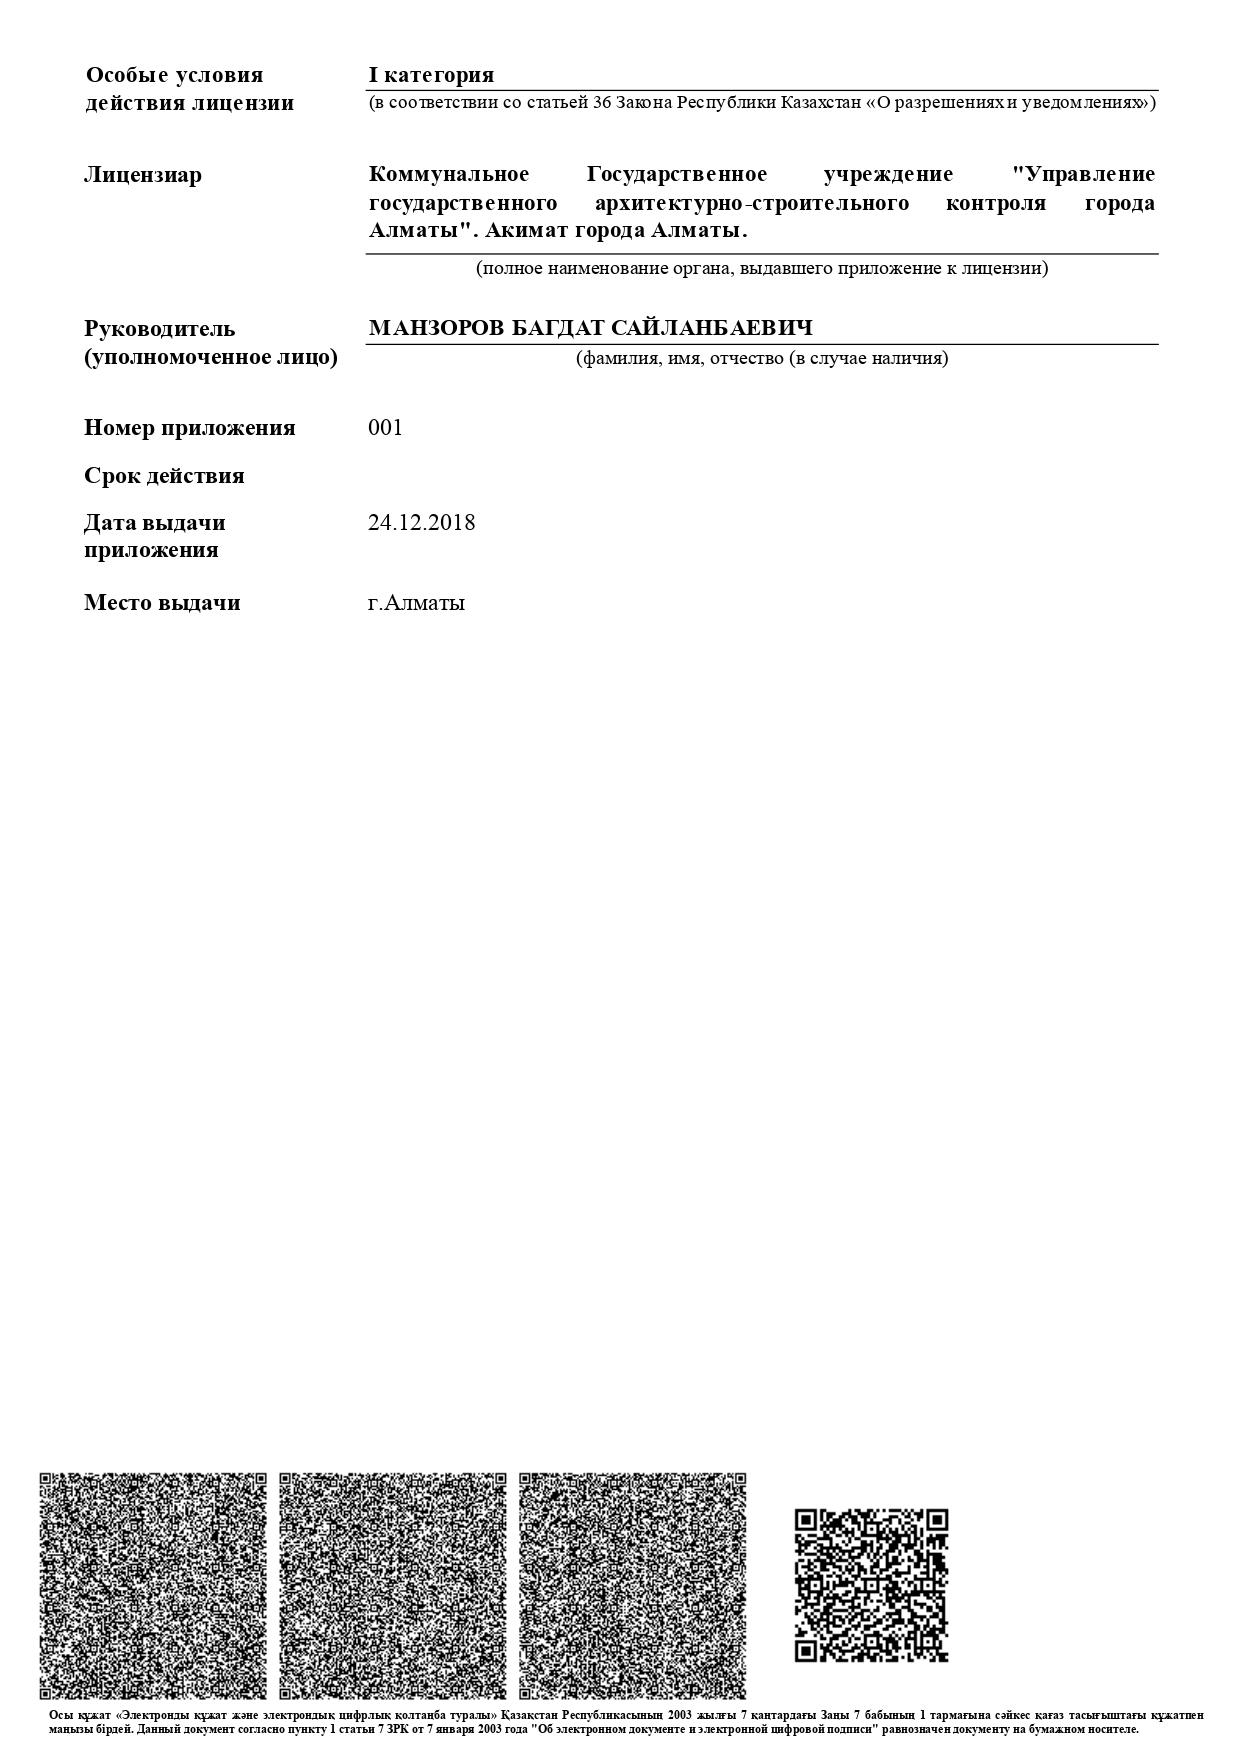 1-kategoriya-page-0005C12122E0-12F4-1E30-001D-9D0667C93ECD.jpg